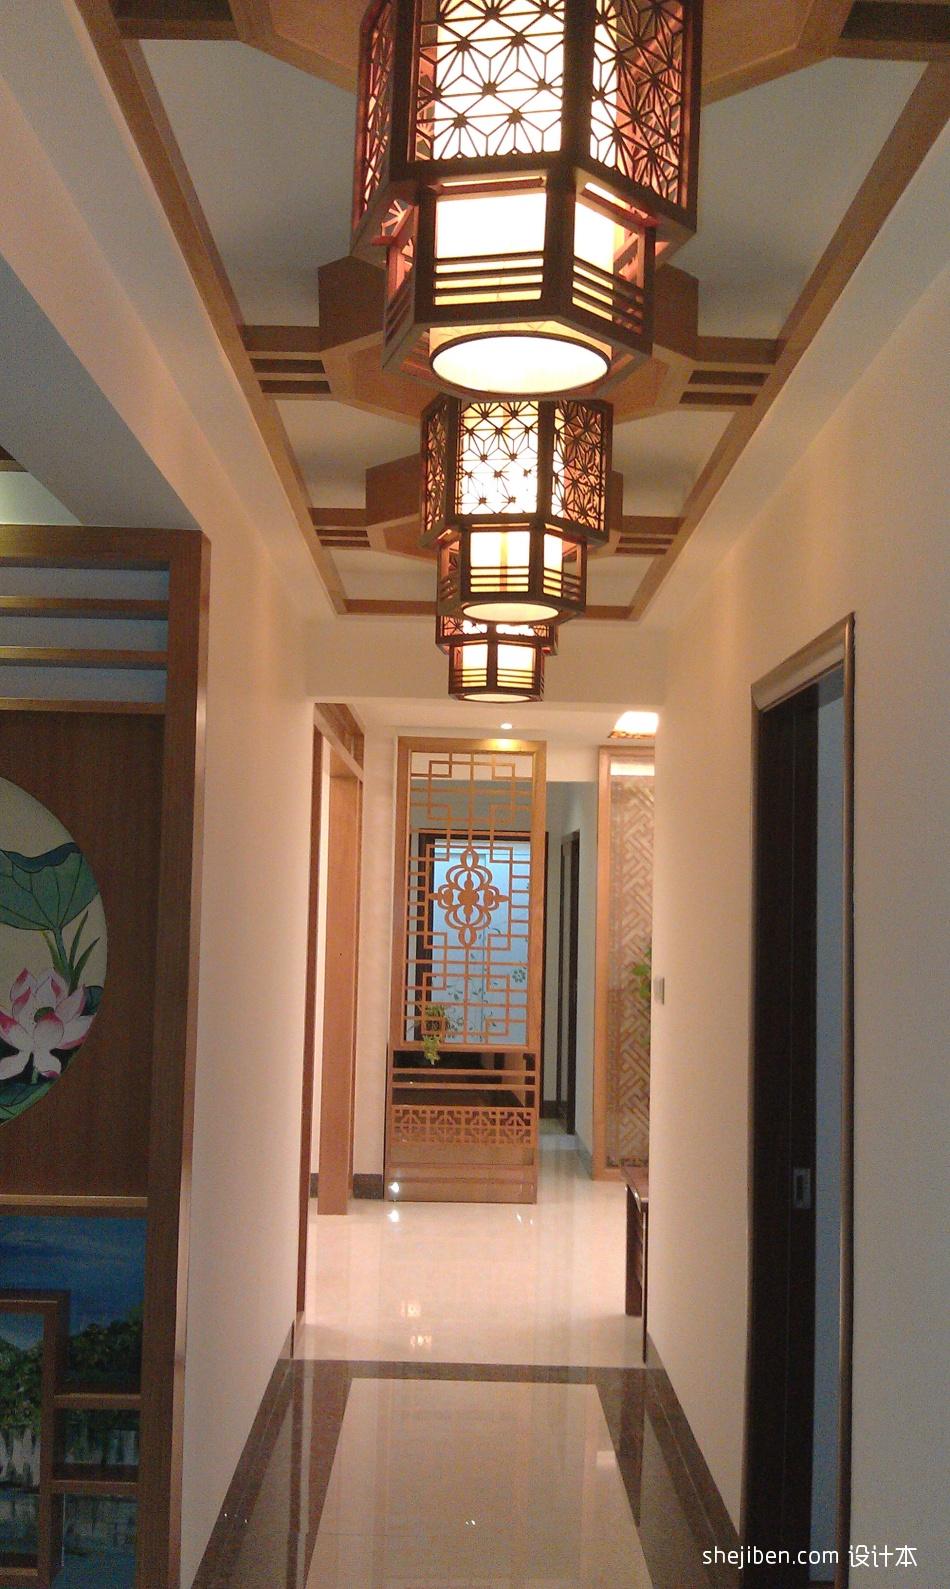 客厅阳台玄关效果图_中式家装过道吊顶吊灯装修效果图 – 设计本装修效果图